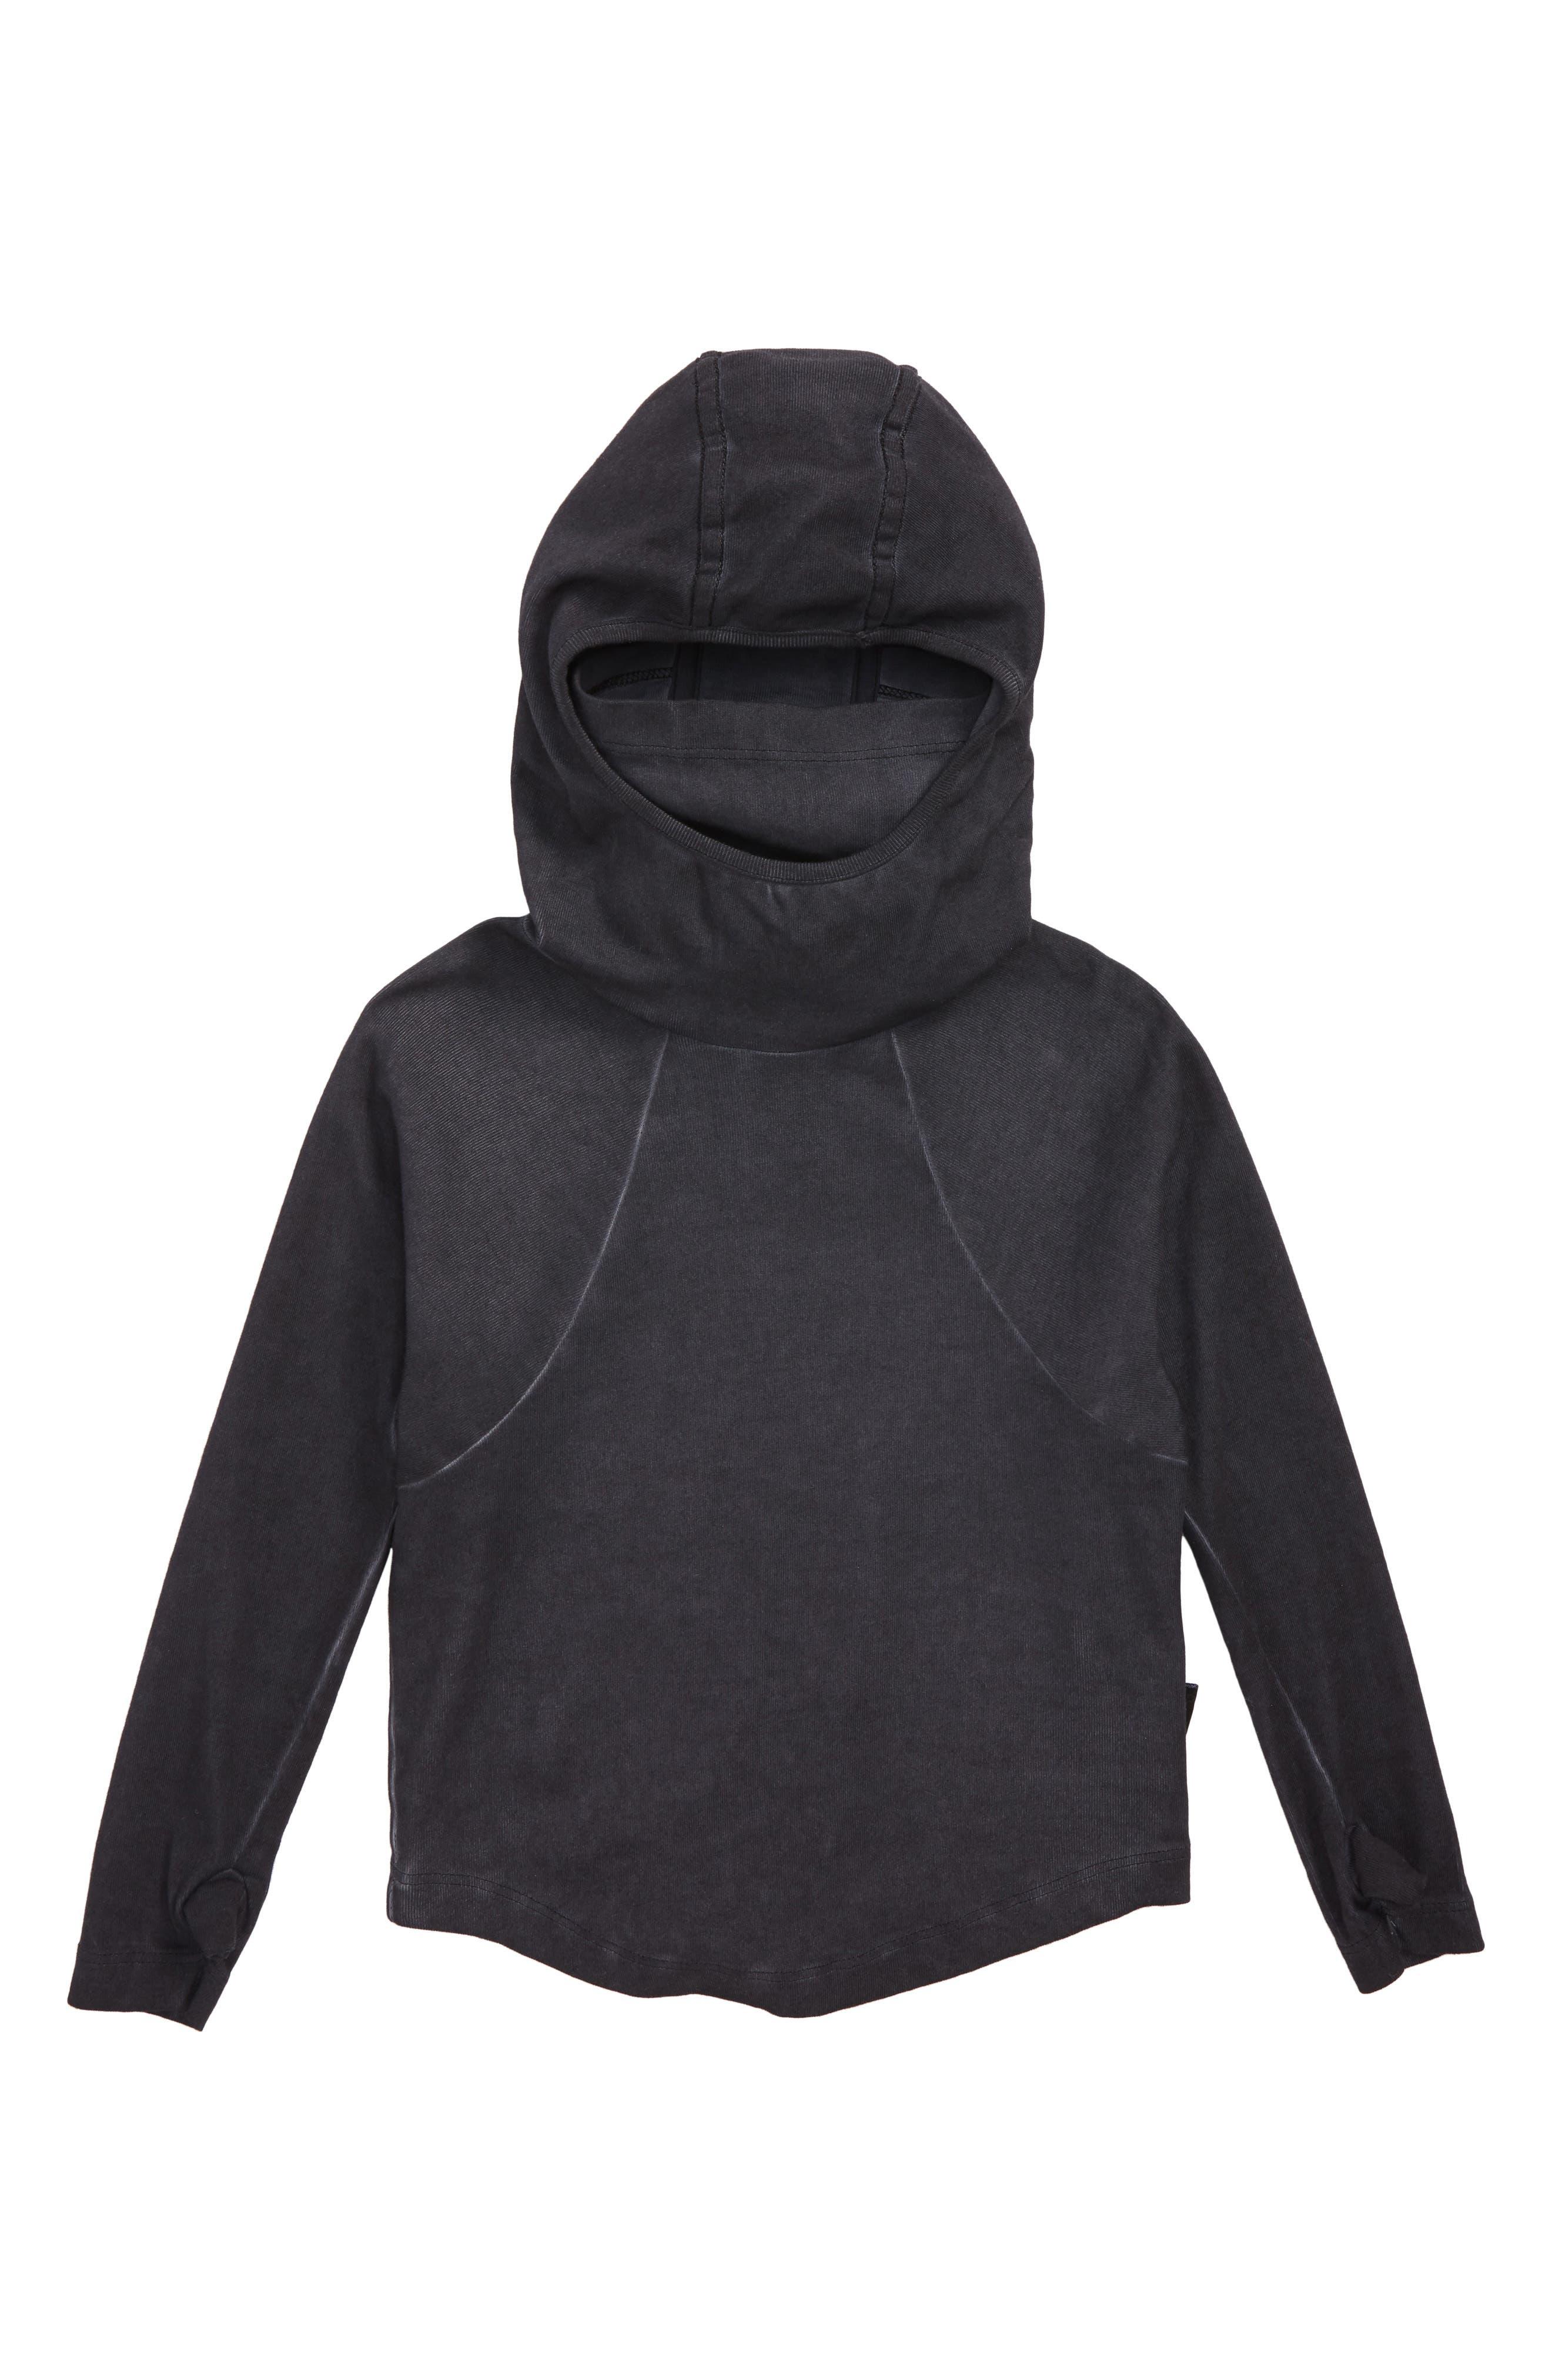 Ninja Hooded Shirt,                             Main thumbnail 1, color,                             DYED BLACK